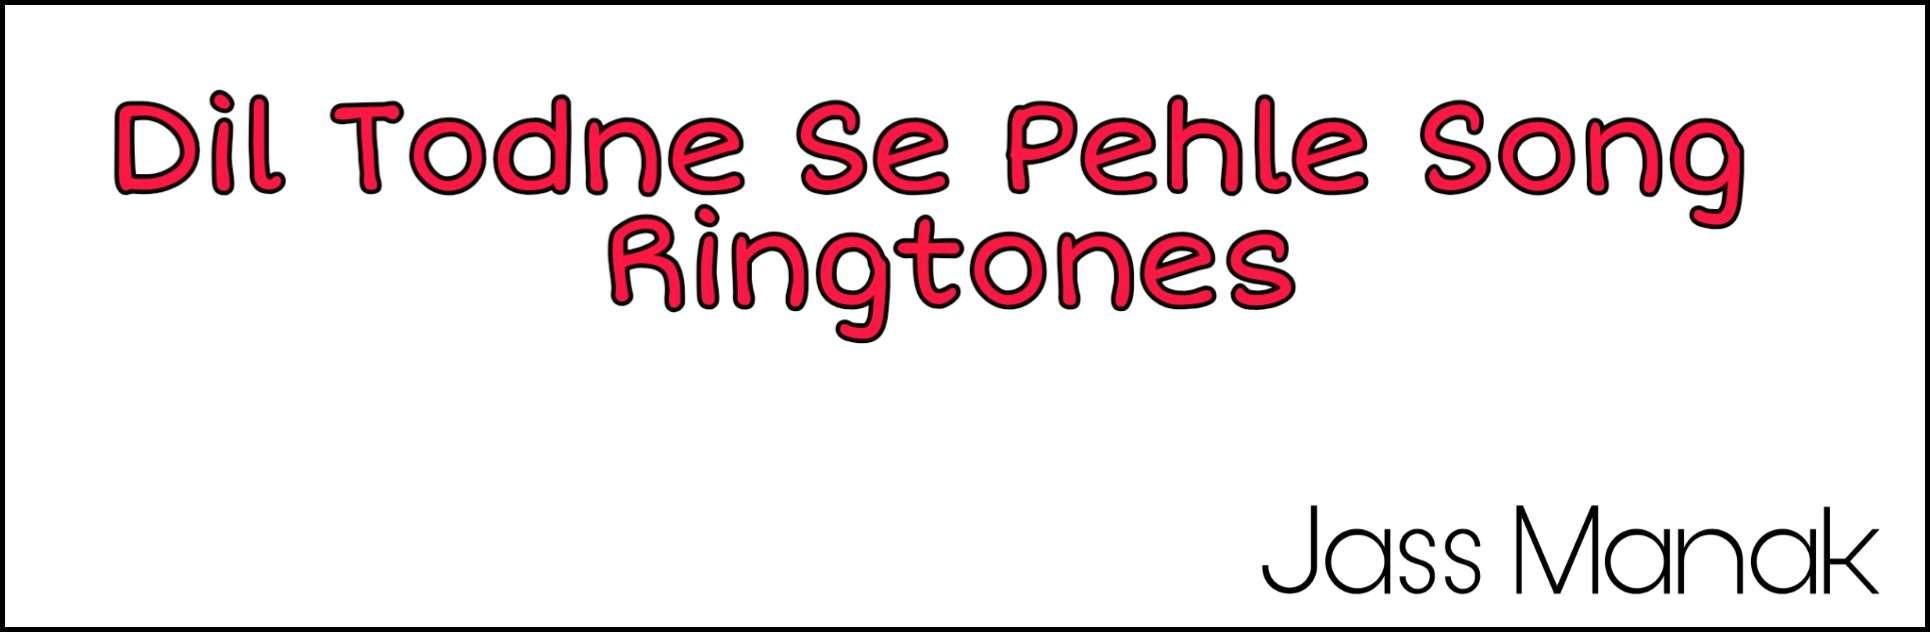 Mera Dil Todne Se Pehle Mp3 Ringtone Download